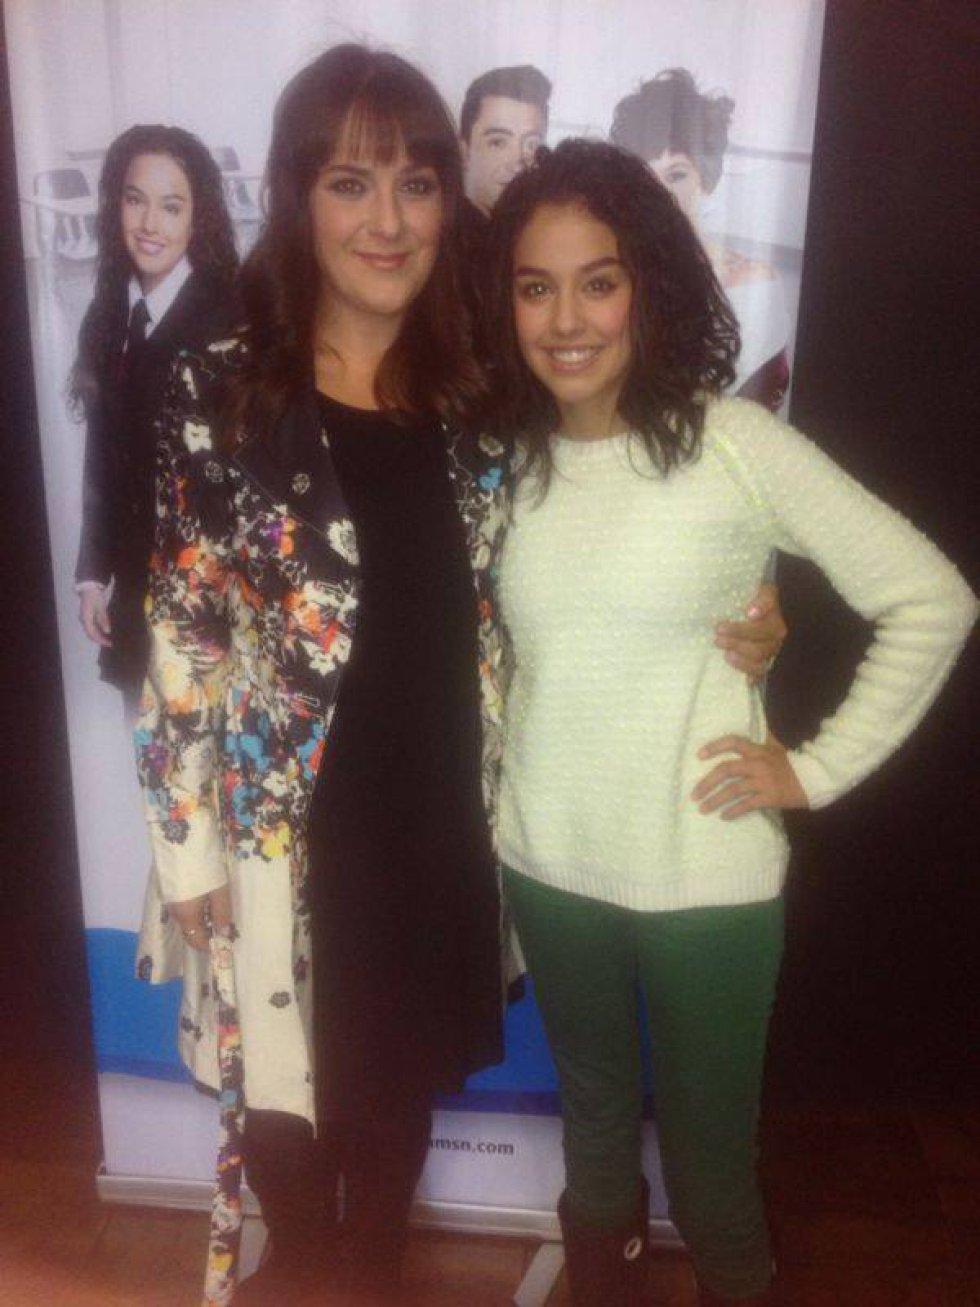 En el 2013 interpretó a Mariana Cadavid en 'Mamá También', por lo que fue nominada a los Premios TVyNovelas como Mejor actriz protagónica de serie.